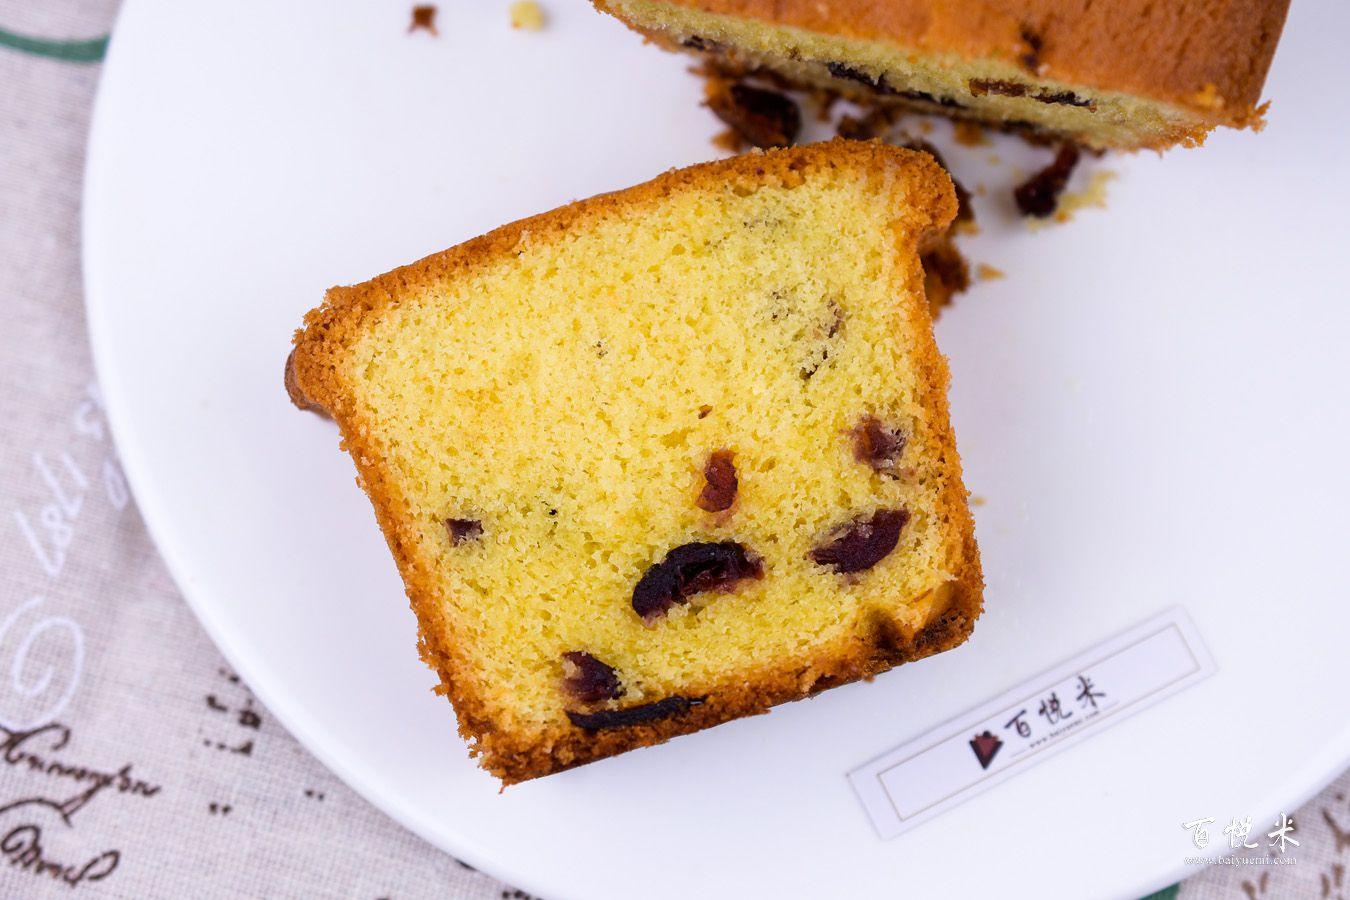 蔓越莓磅蛋糕的做法大全,蔓越莓磅蛋糕培训怎么做